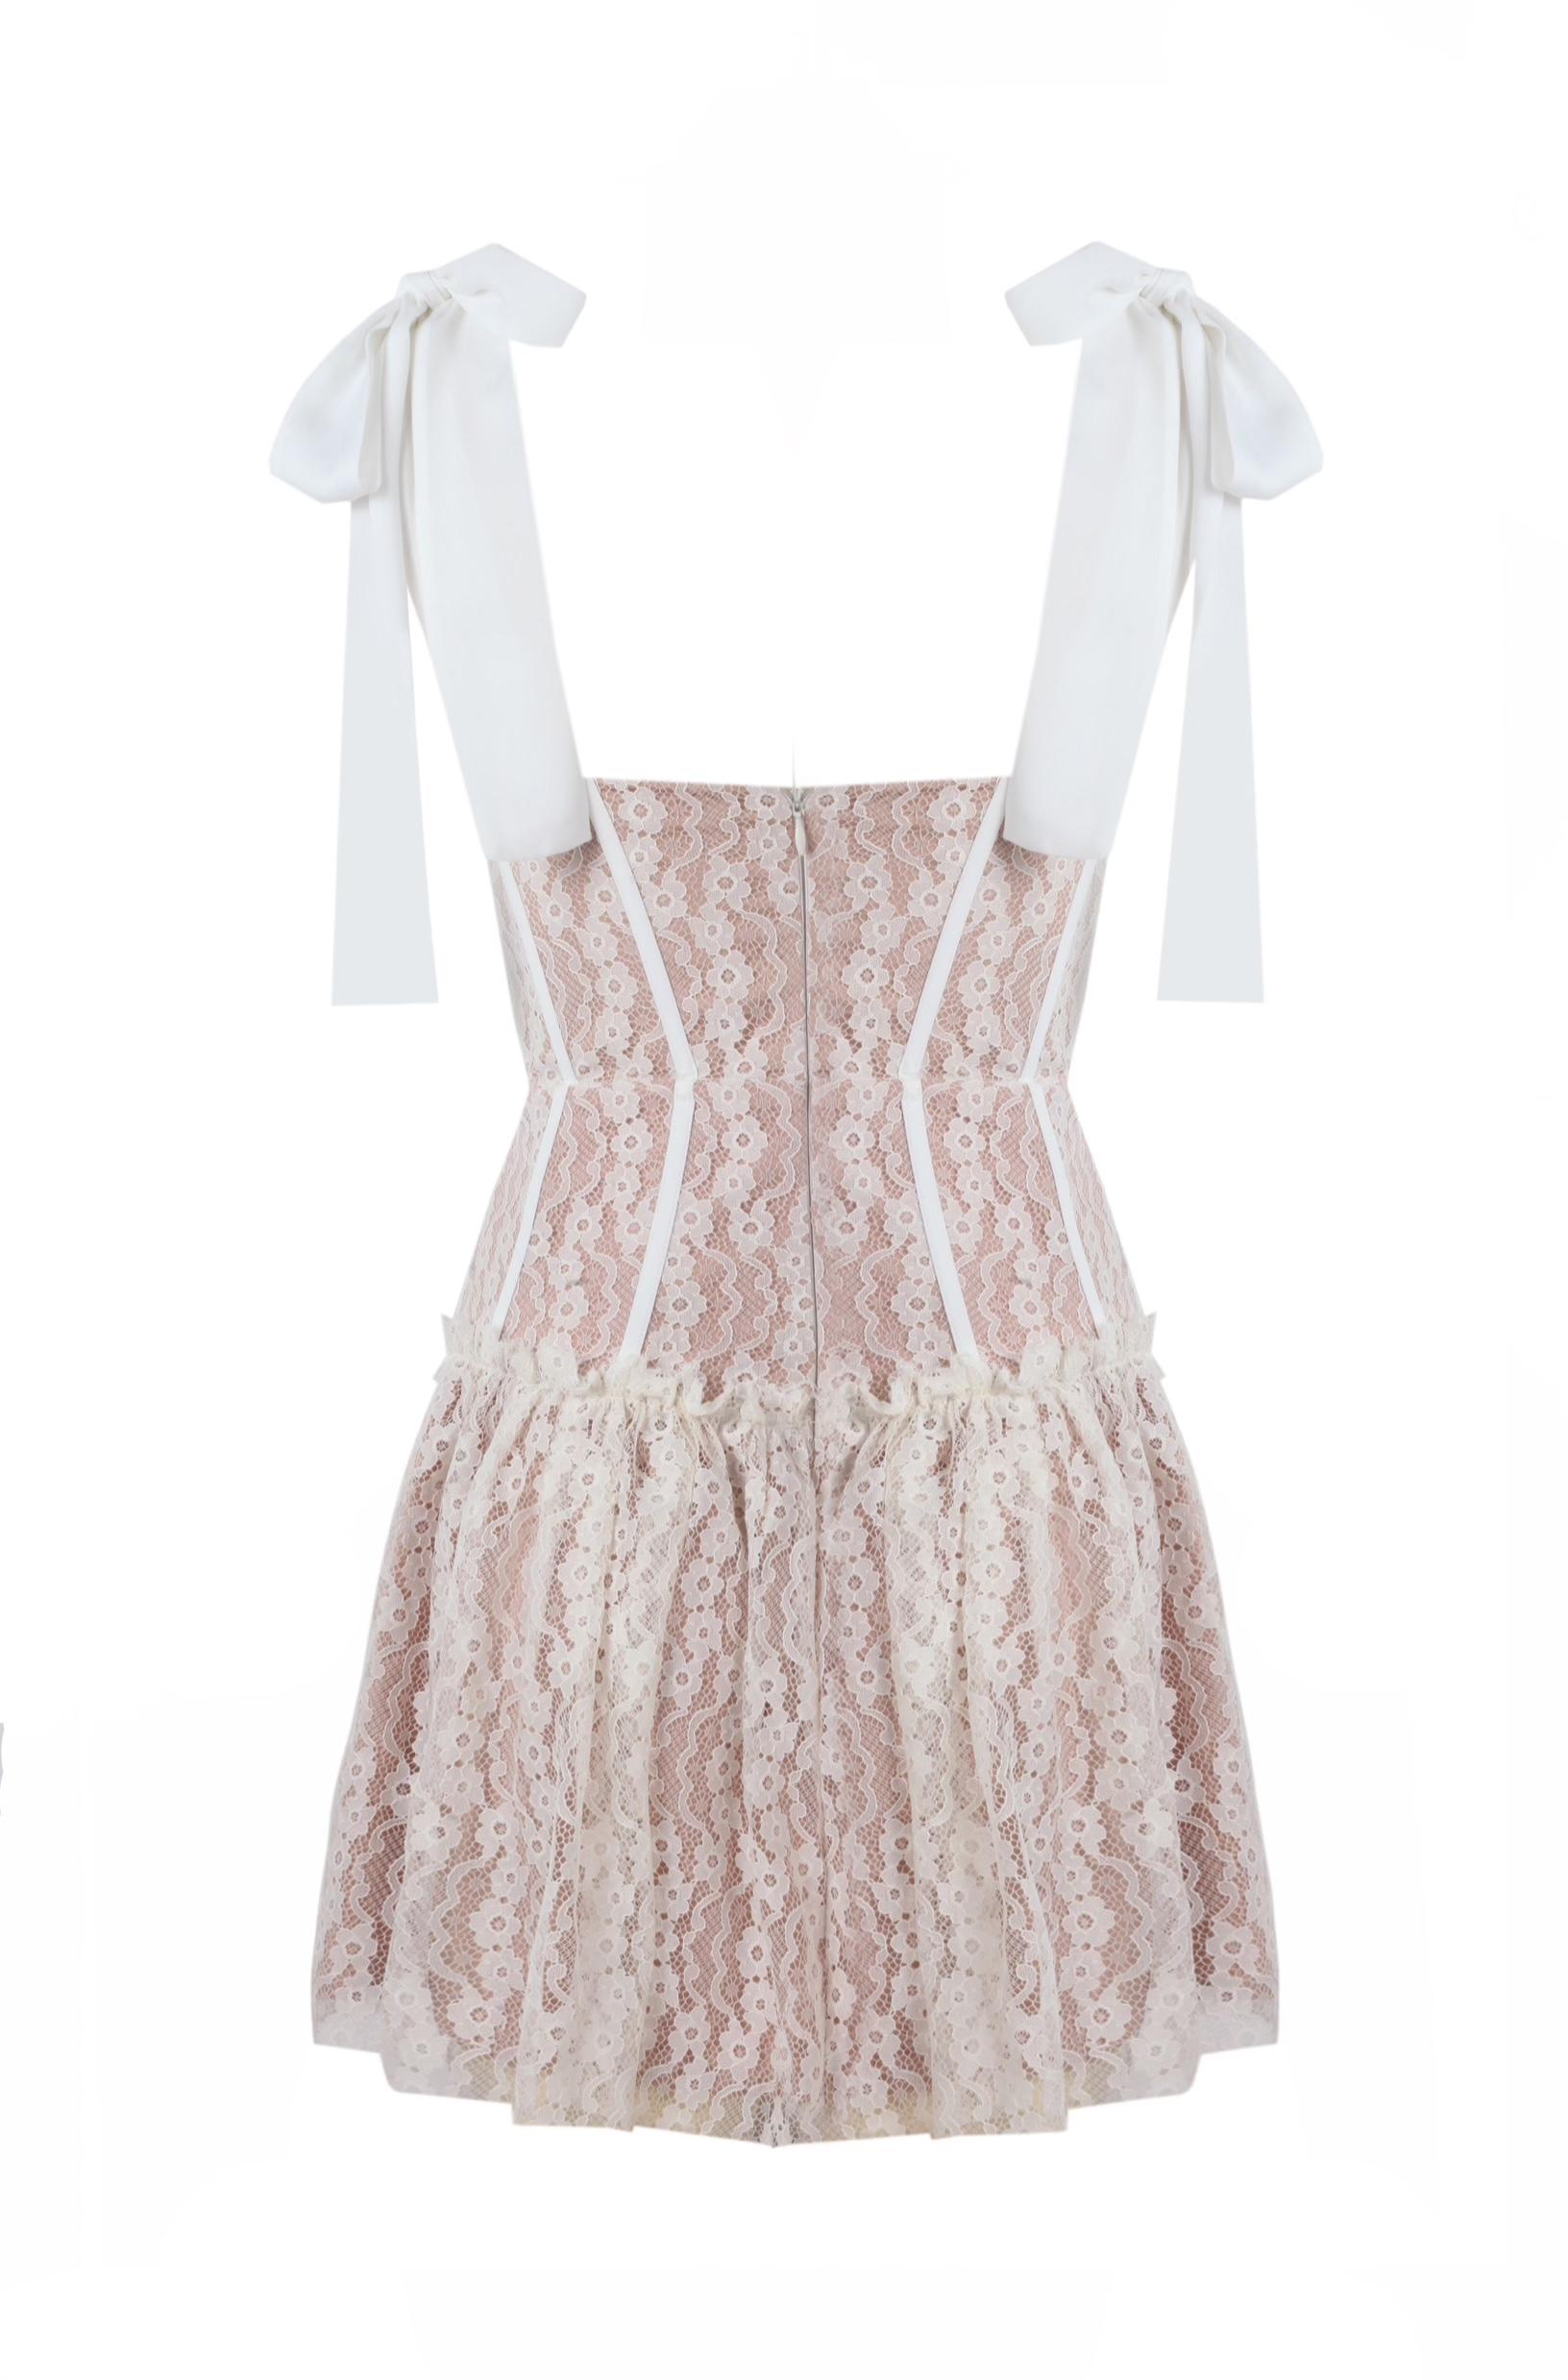 Bella White Lace Dress